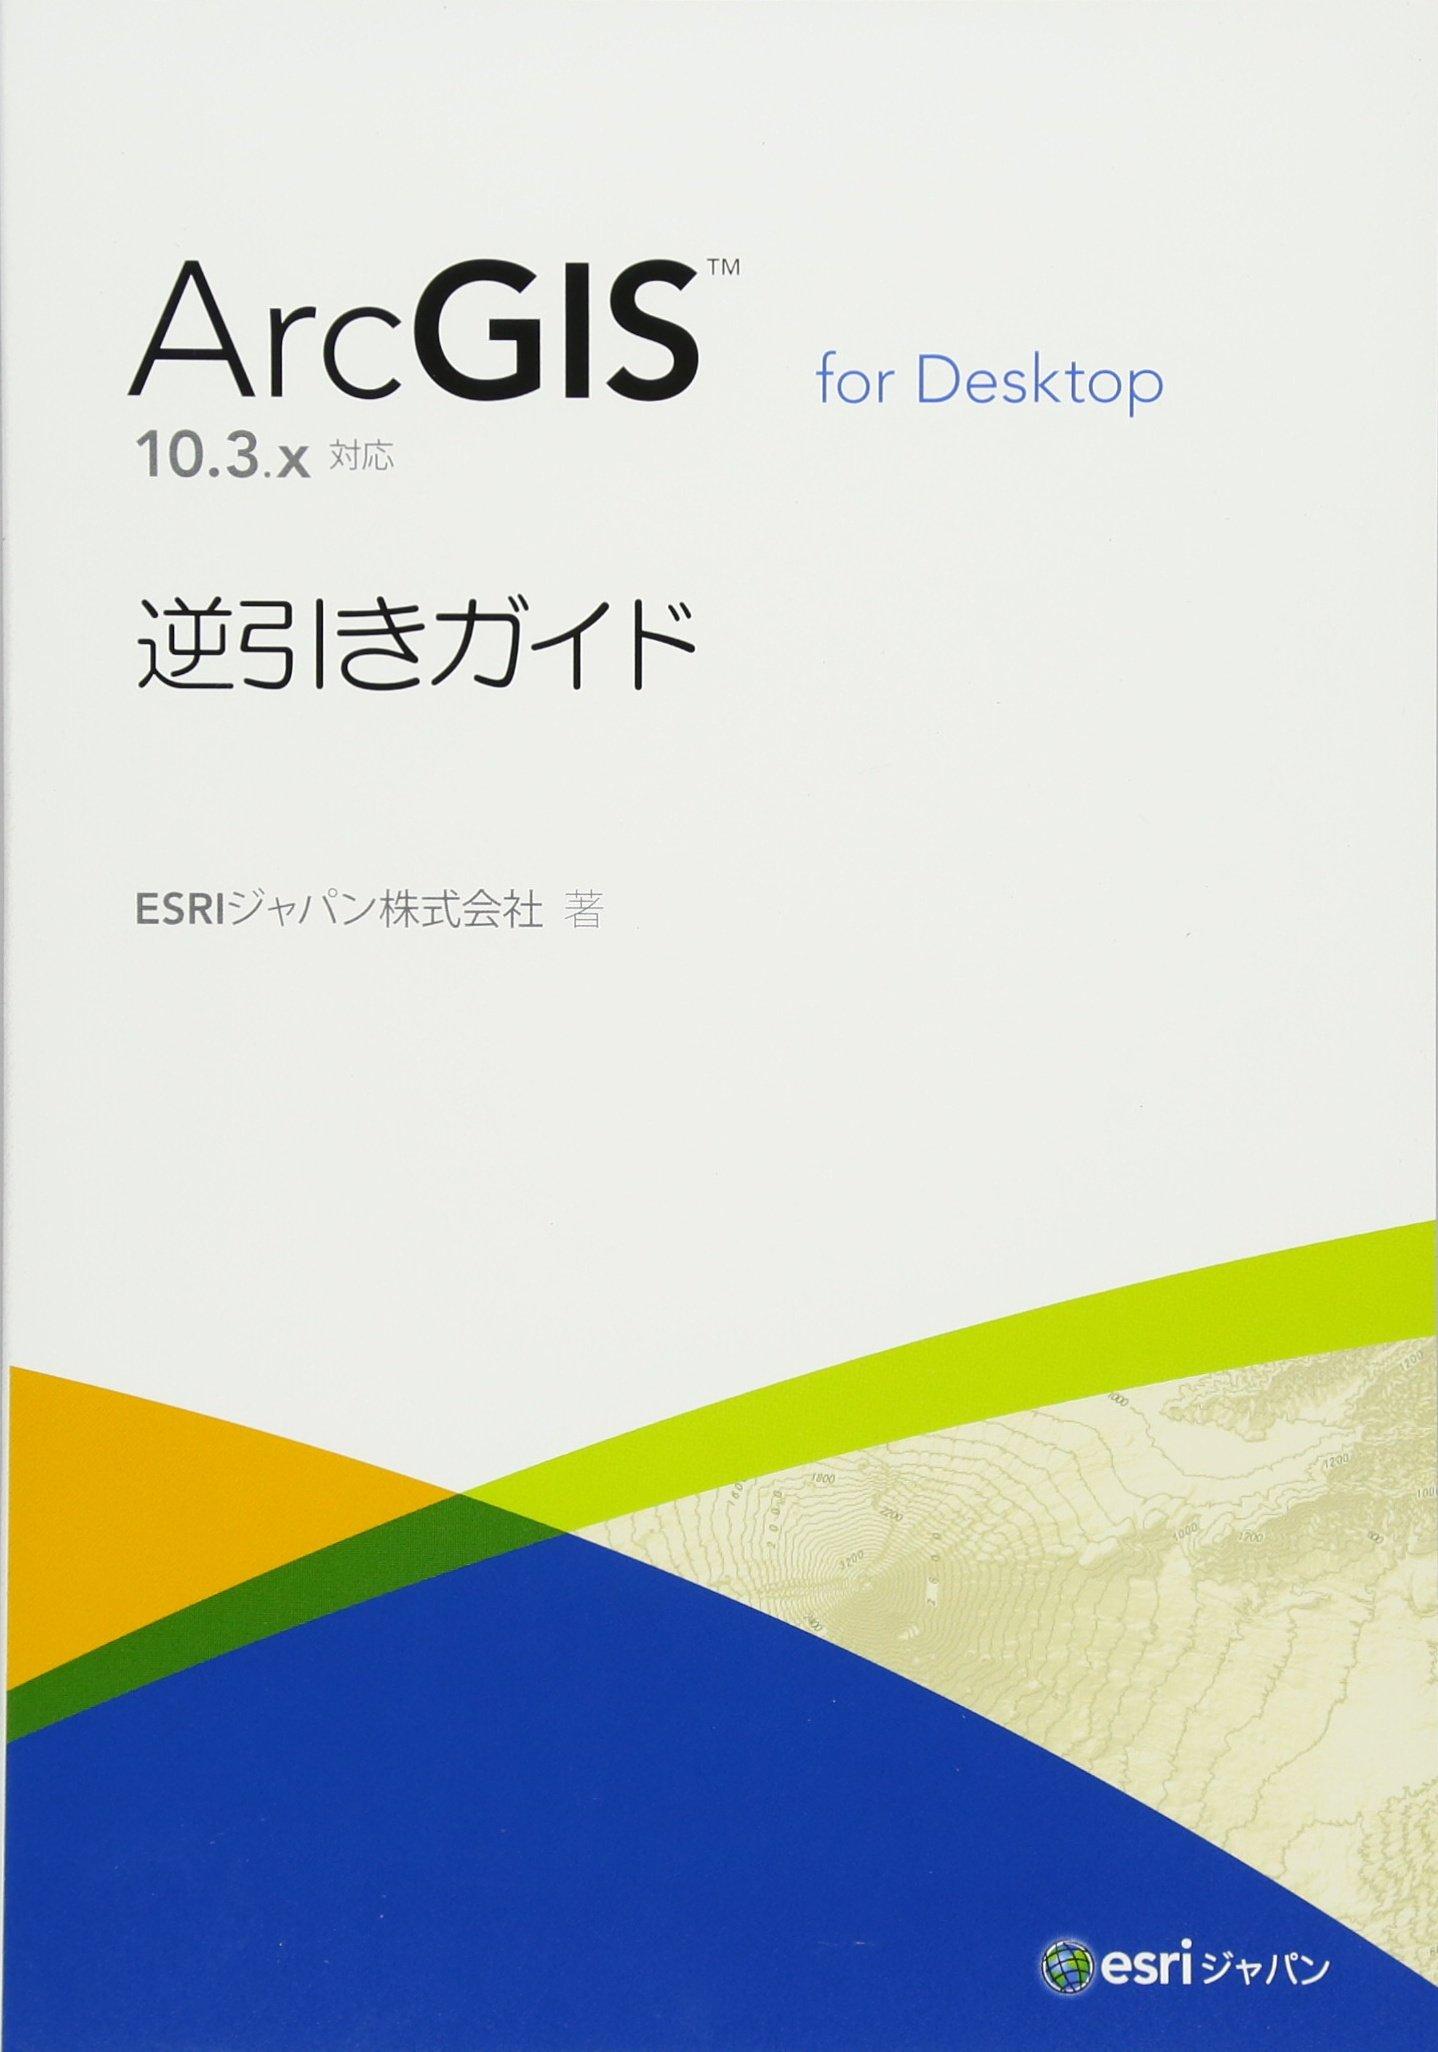 arcgis for desktop 逆引きガイド 10 3 x 対応 esriジャパン 株式会社